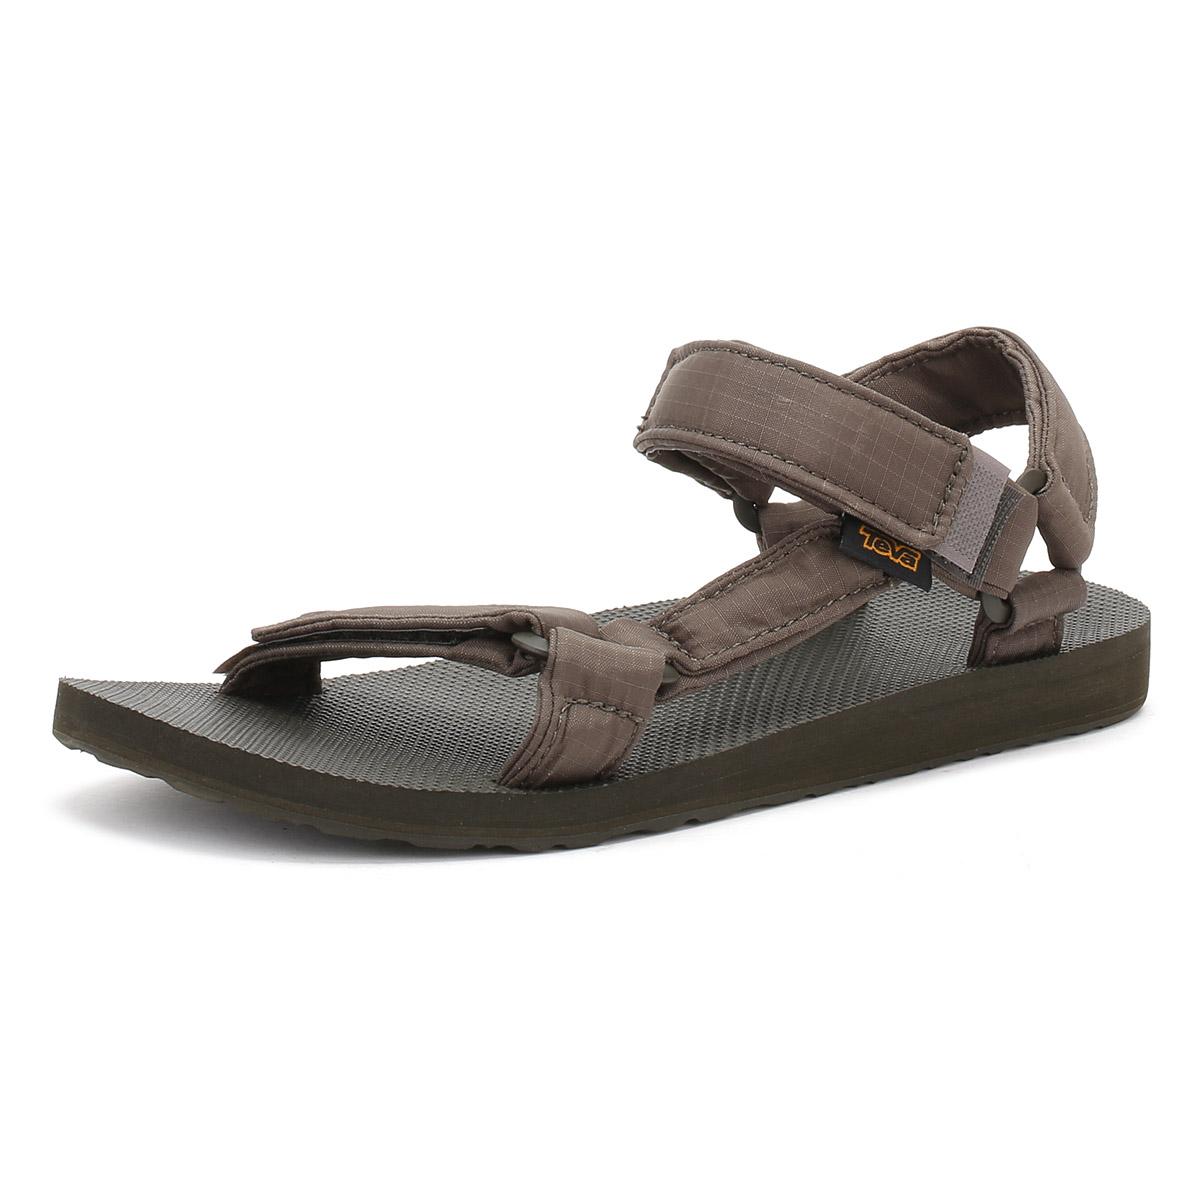 Teva Shoes Amazon Uk